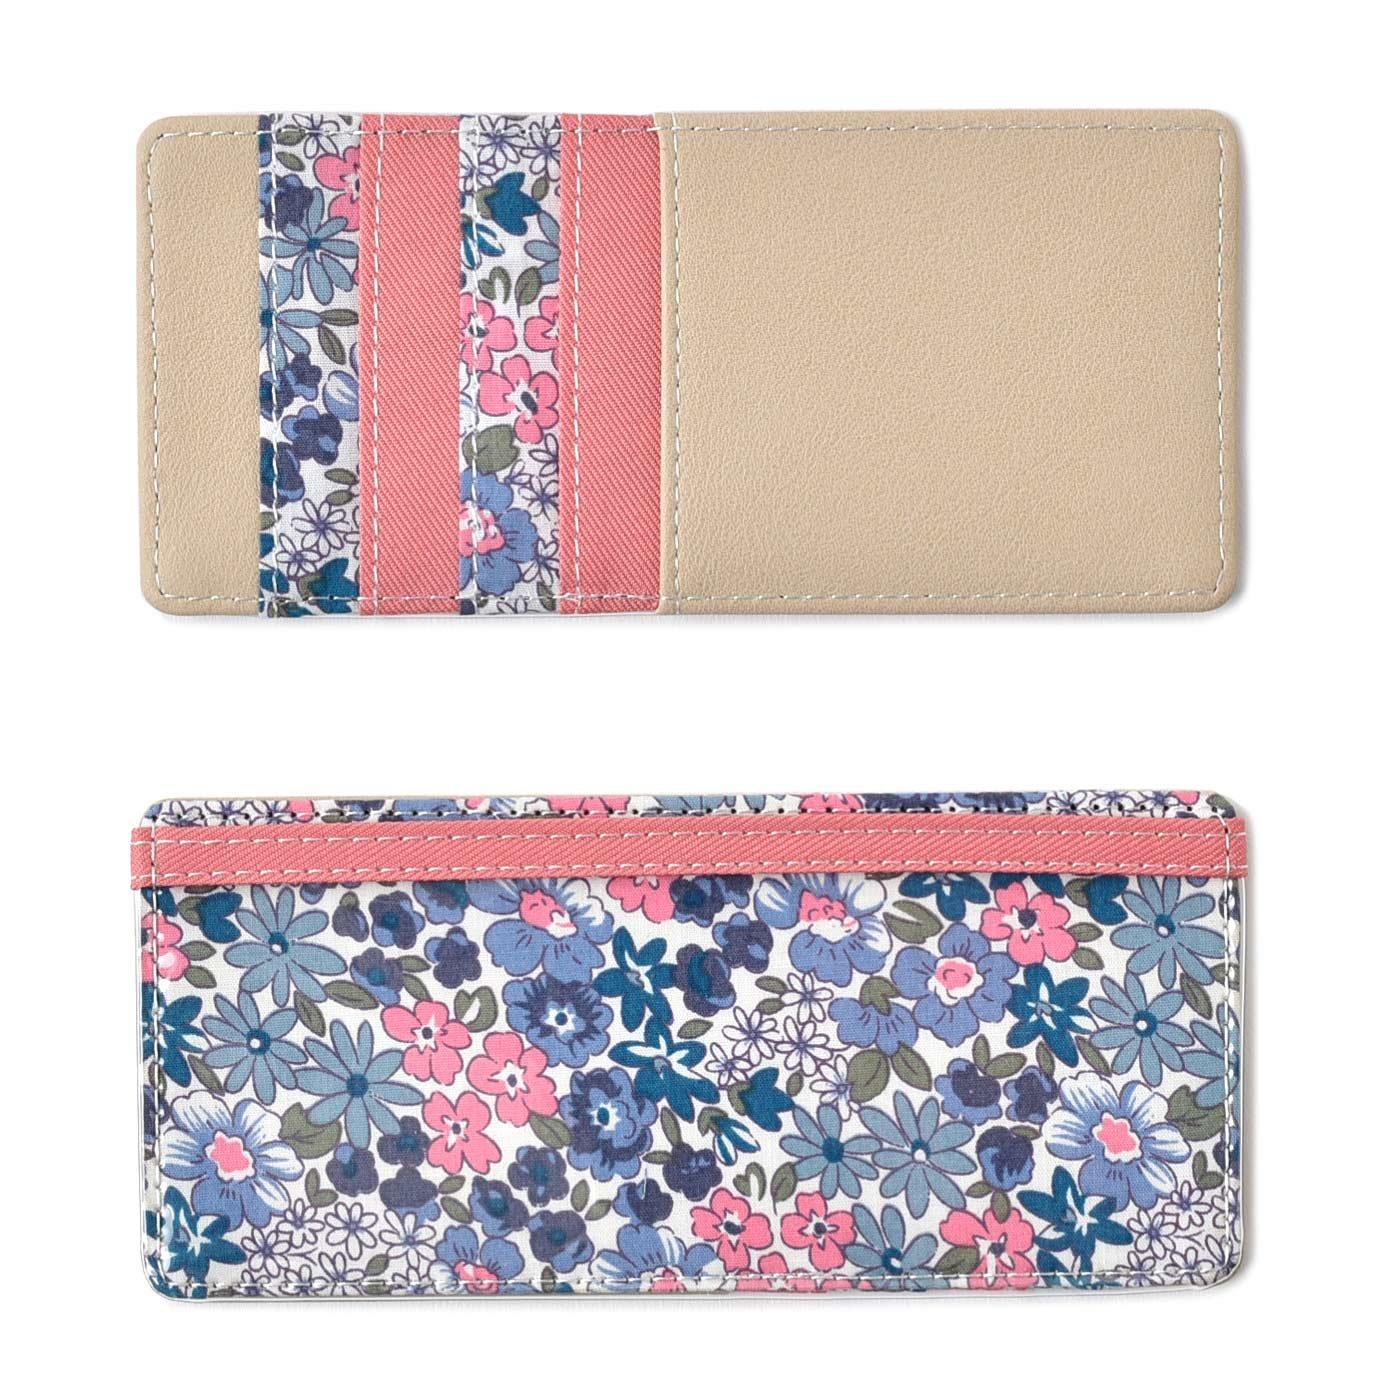 Squee! お財布美人の必需品 クリアポケット付き花柄インナーカードケース